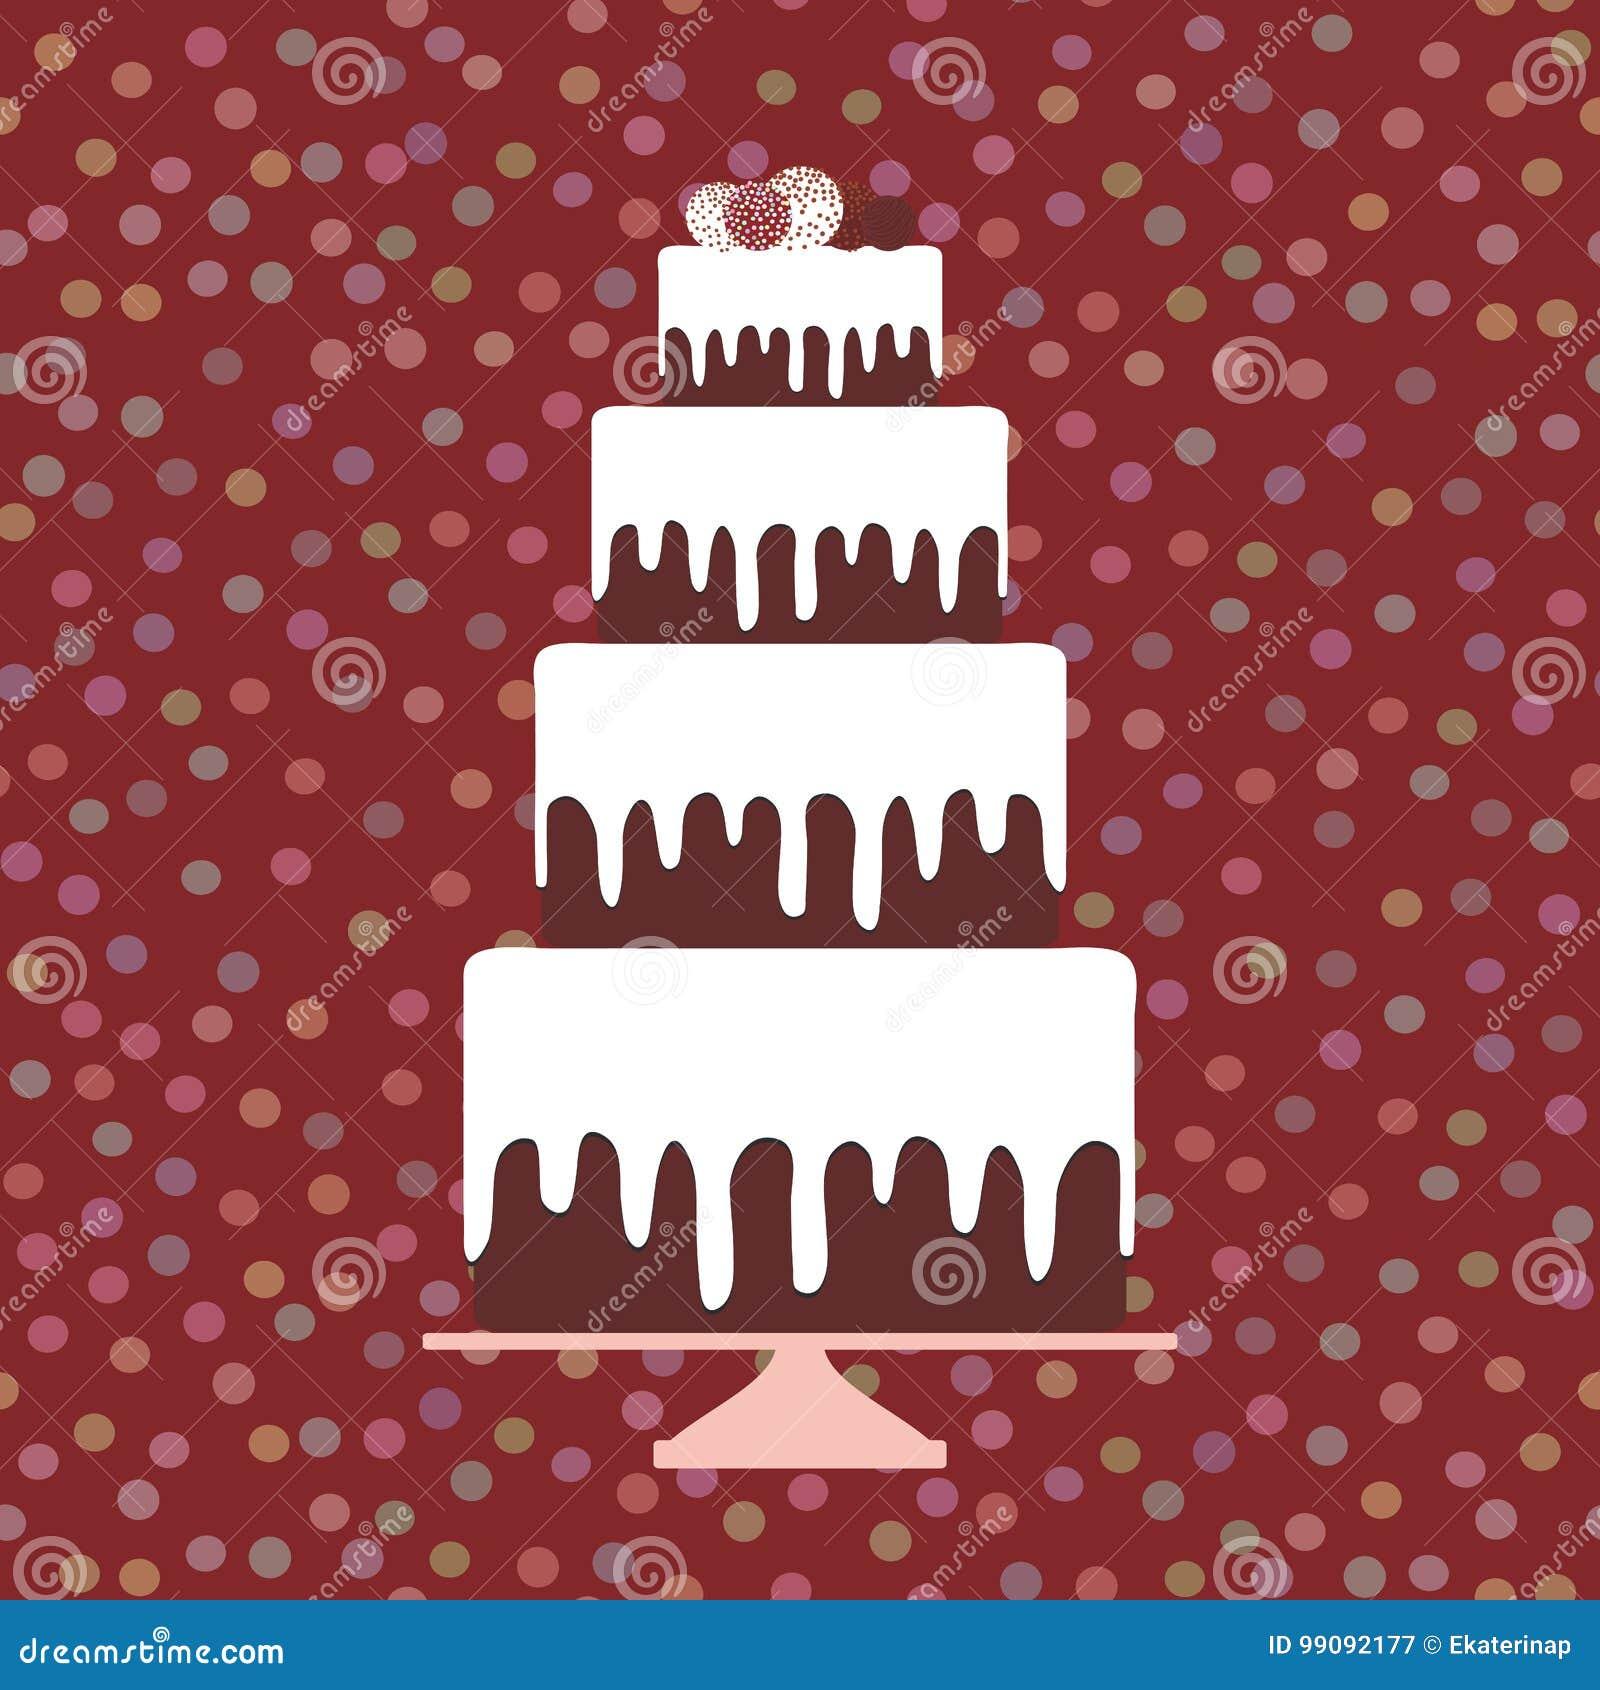 Card Design Birthday Valentine S Day Wedding Engagement Sweet